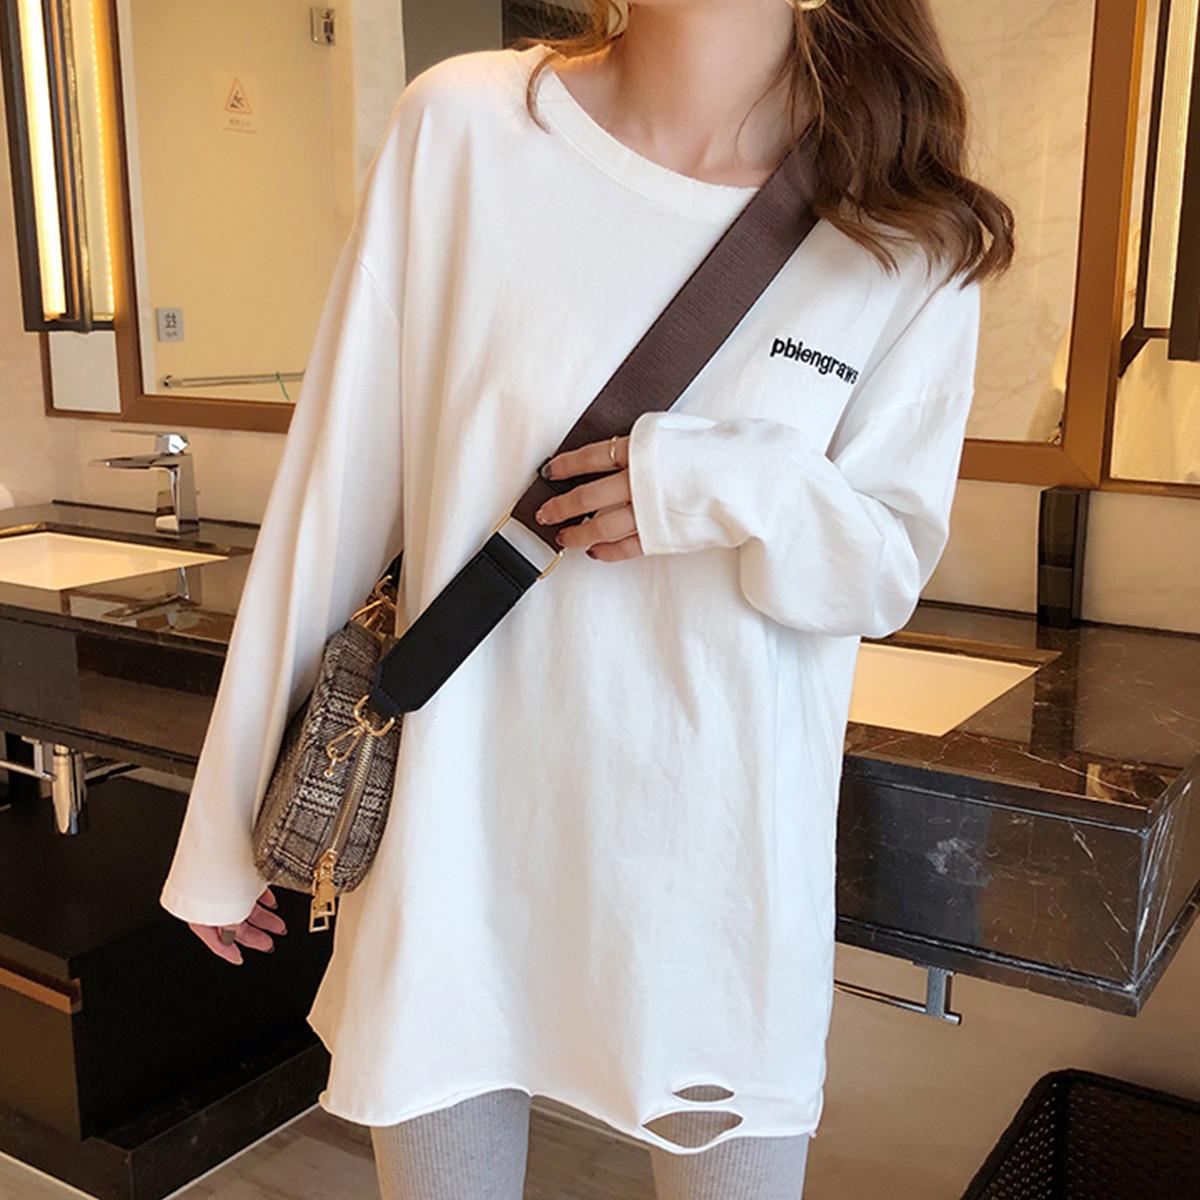 質檢官圖2021春季長袖T恤女寬松韓版中長款打底衫內搭體恤上衣潮